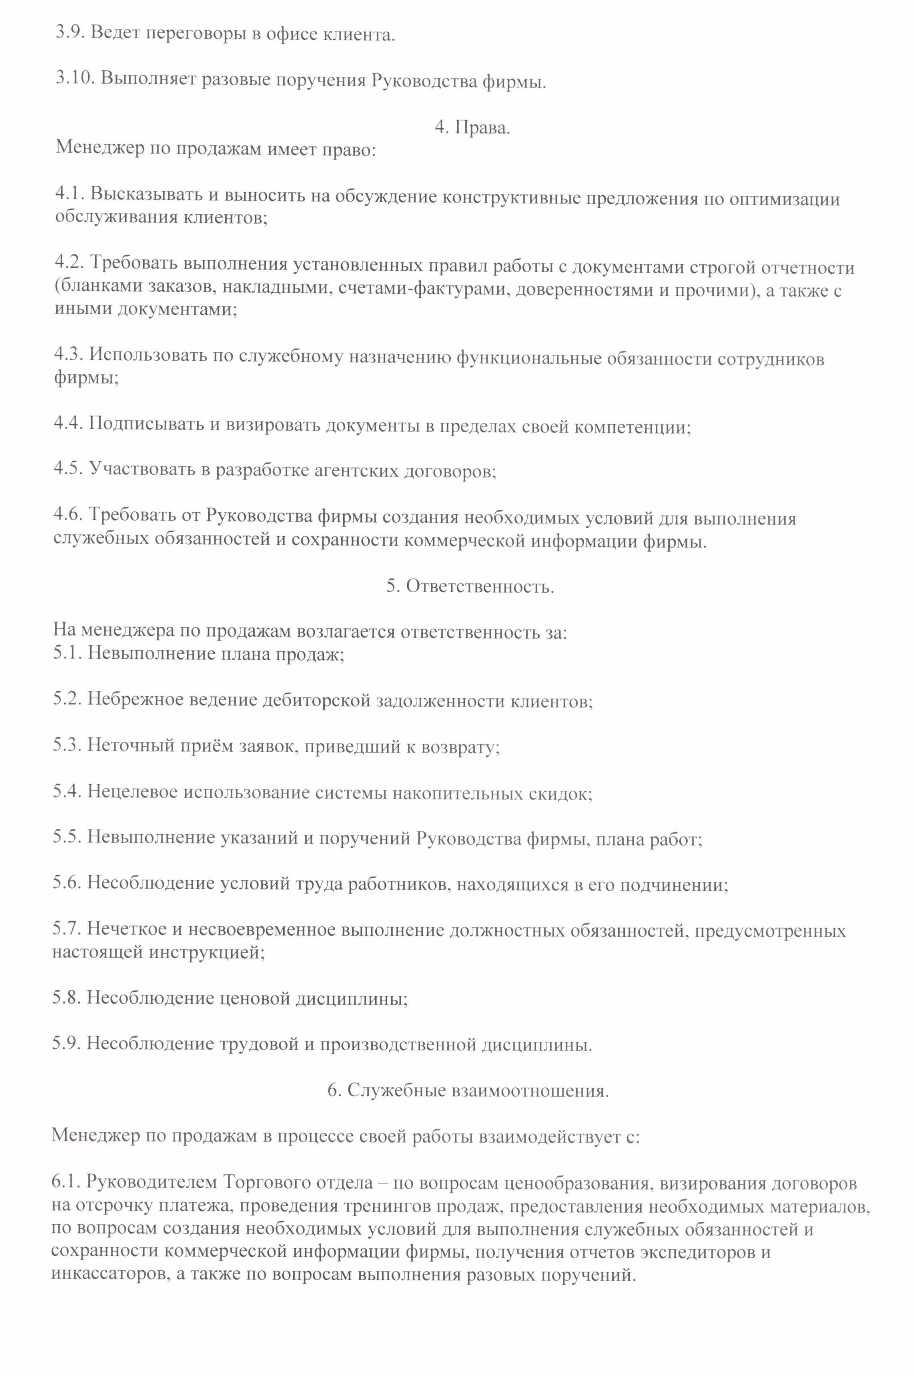 Должностная Инструкция Менеджера В Культурной Деятельности